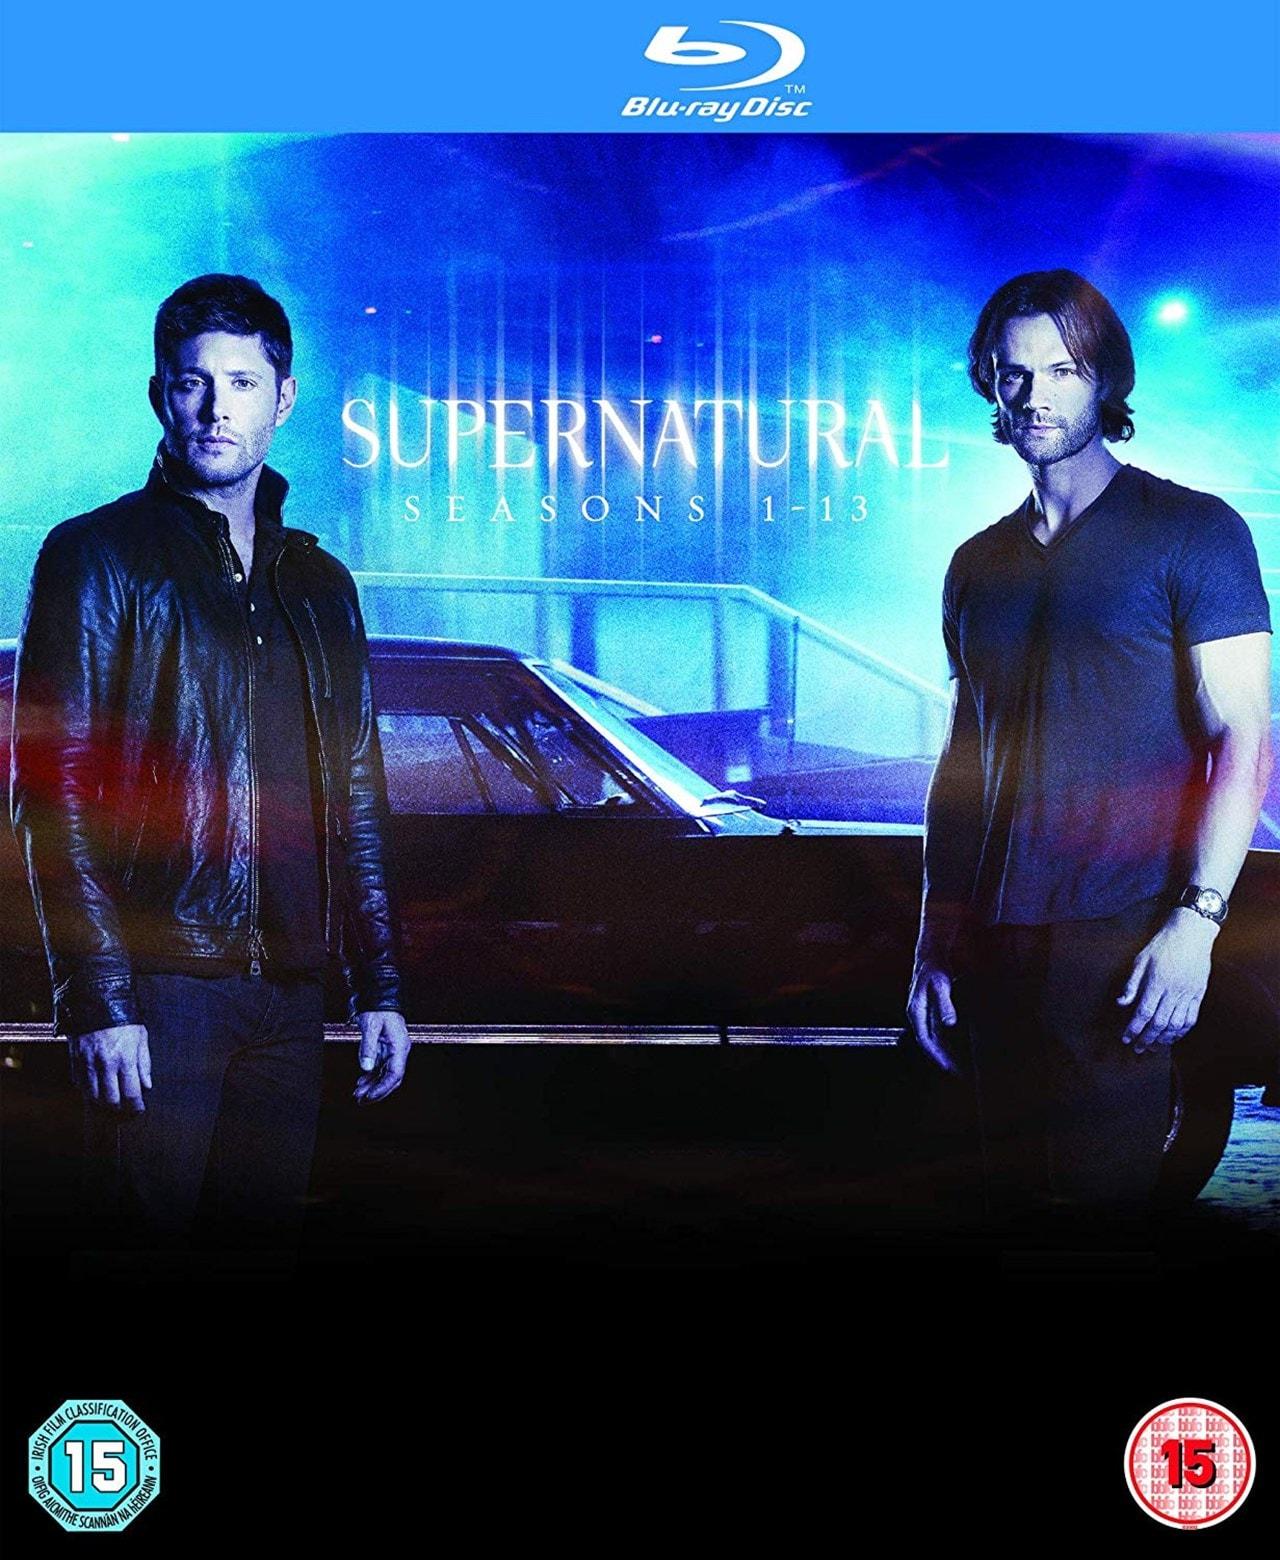 Supernatural: Seasons 1-13 - 1